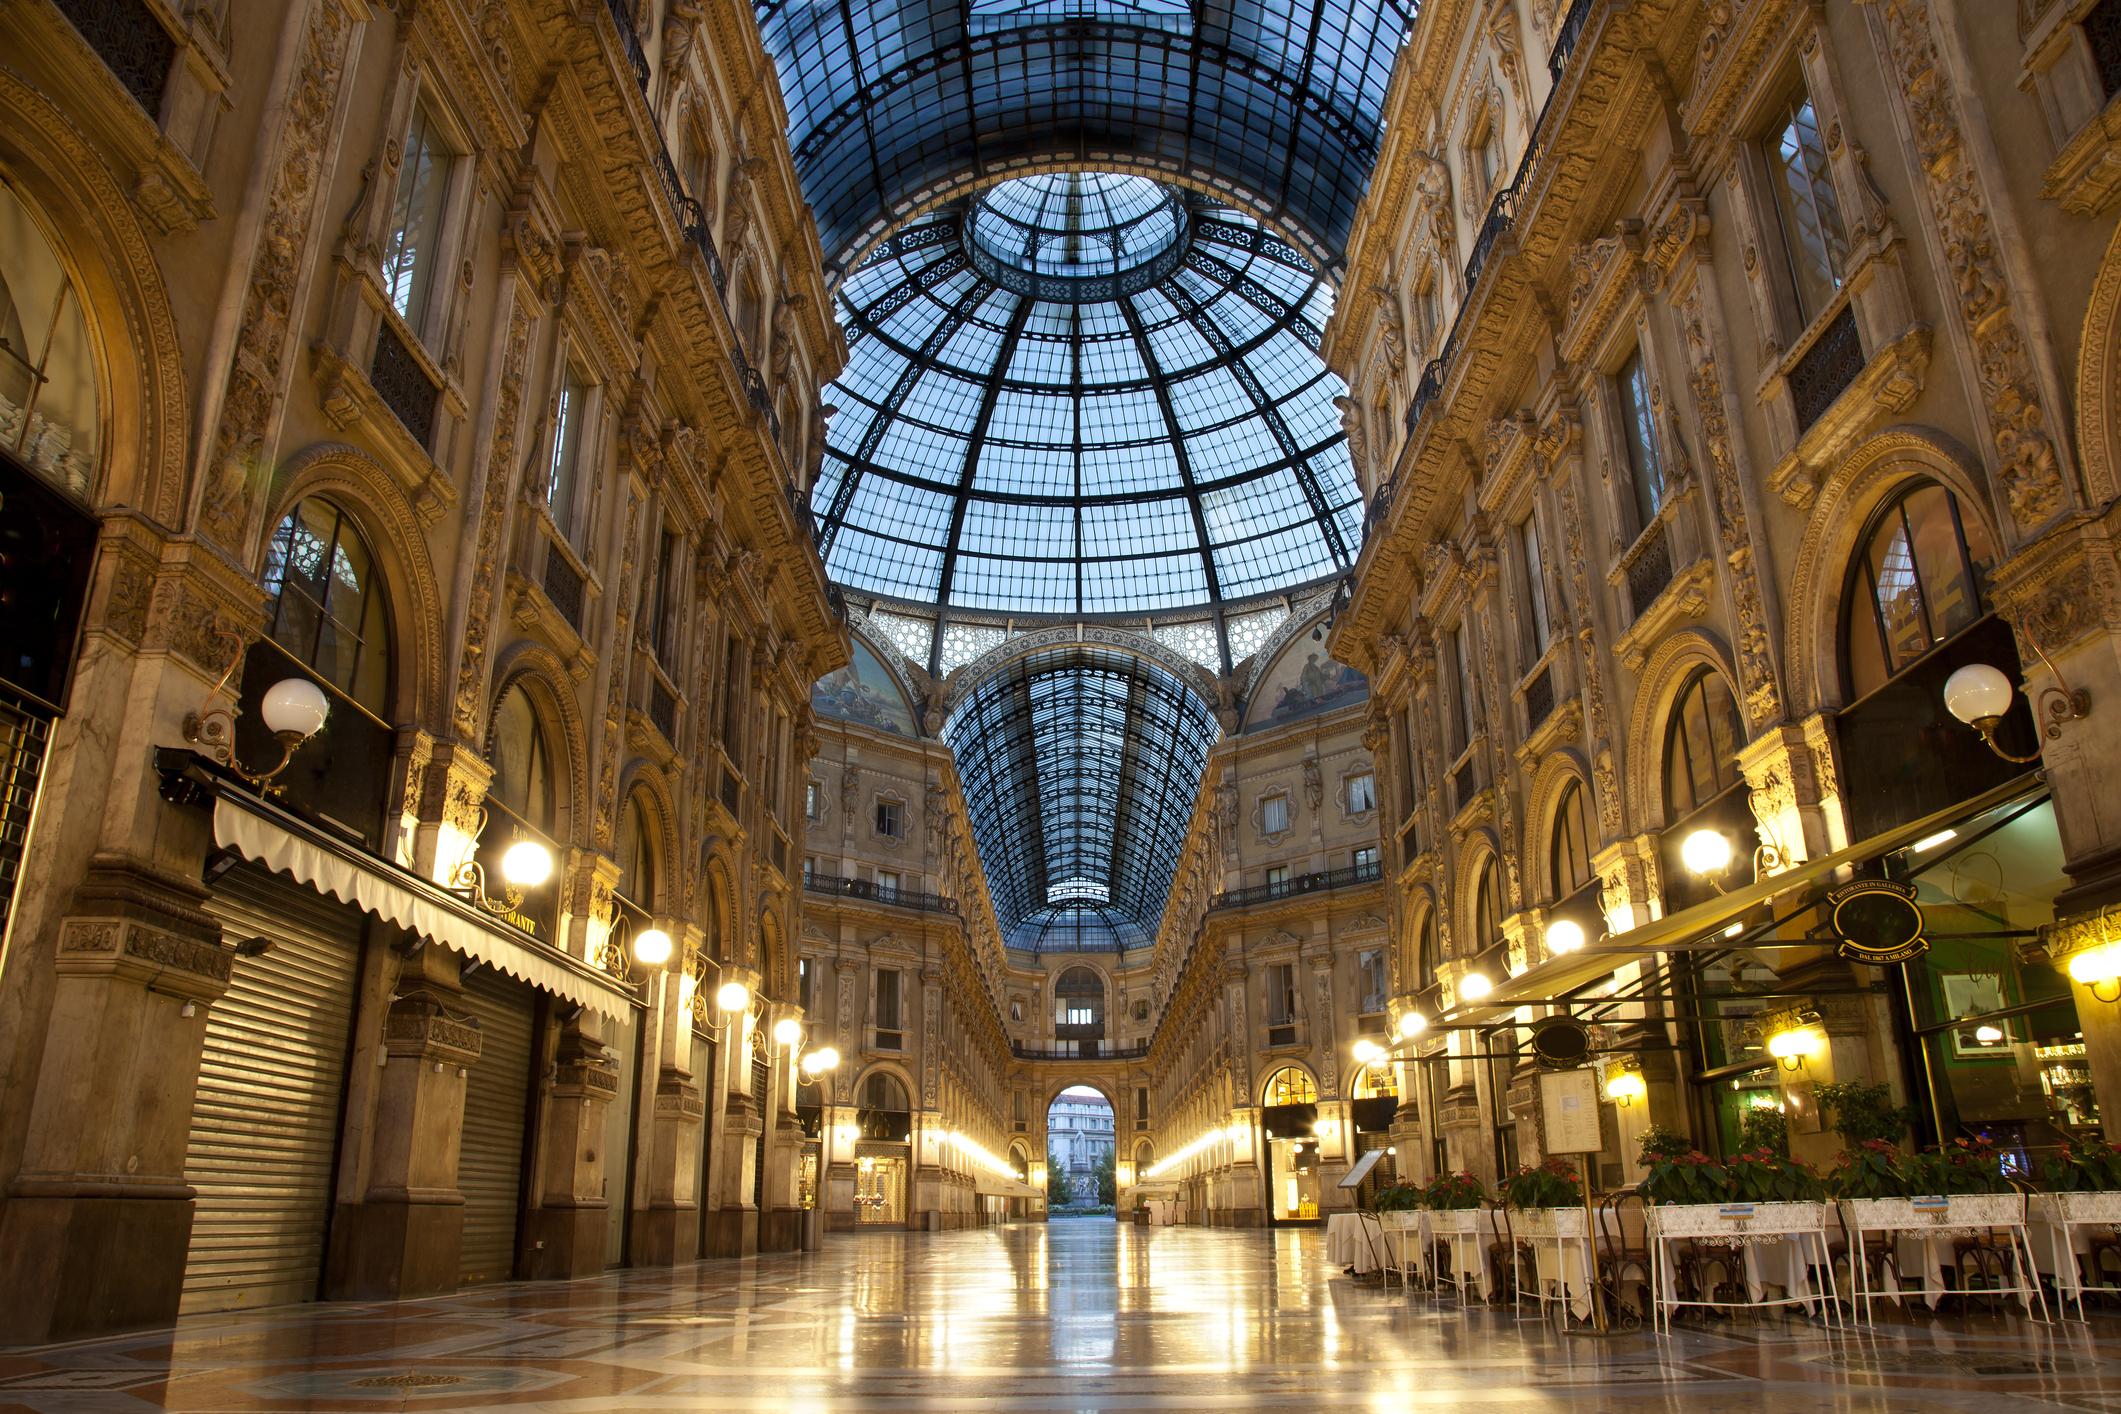 """В непосредствена близост до """"Дуомо"""" на същия площадПиаца дел Дуомое и прочутата покритагалерия на Виктор Емануилвъв форма на кръст с остъклени тавани, където се намират най-известните магазини и заведения."""